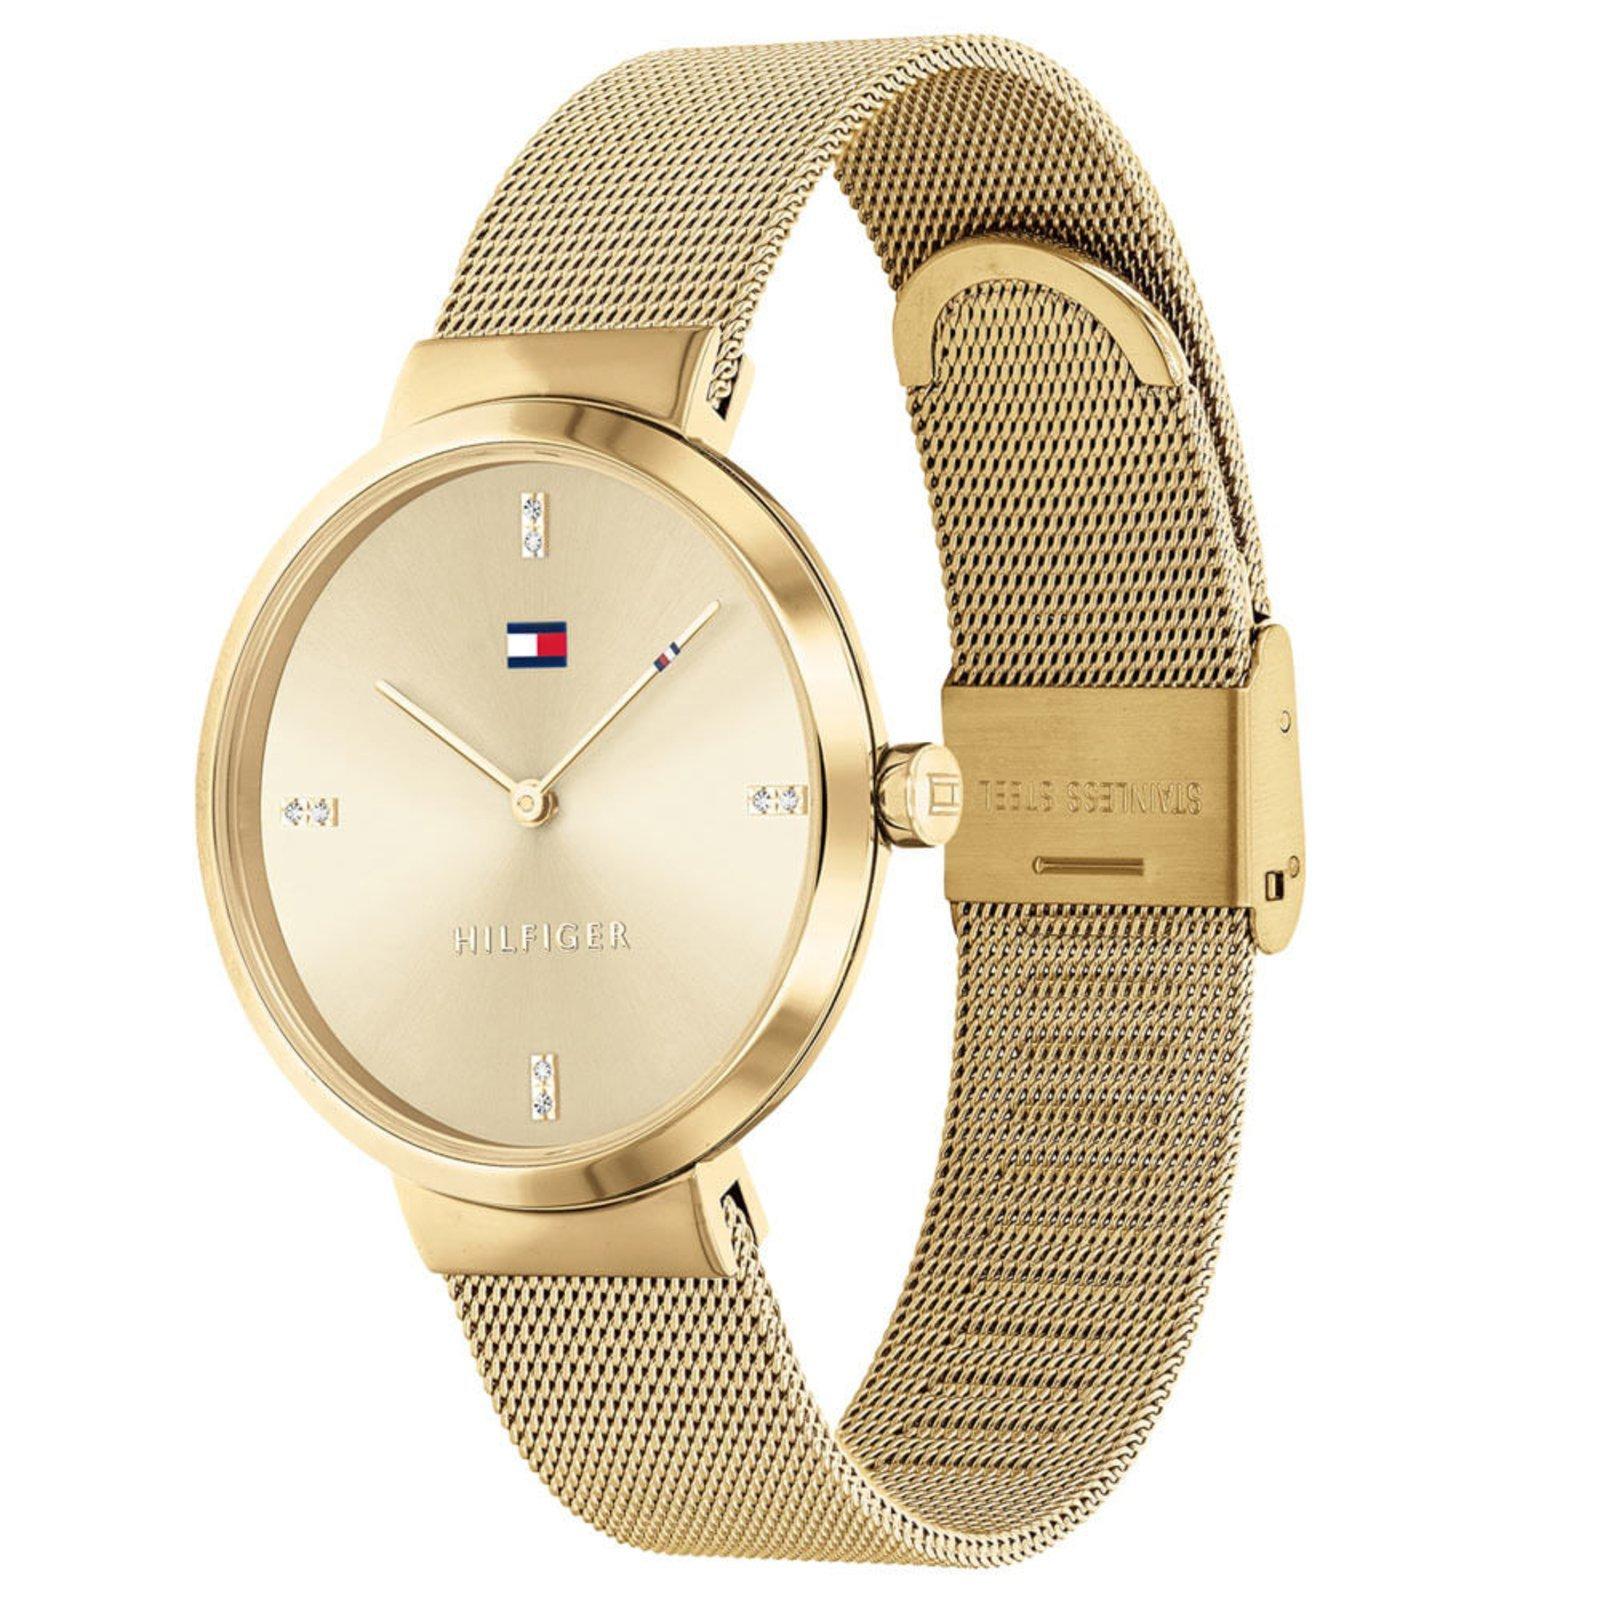 Relógio Tommy Hilfiger Feminino Aço Dourado - 1782217 by Vivara - Marca Tommy Hilfiger